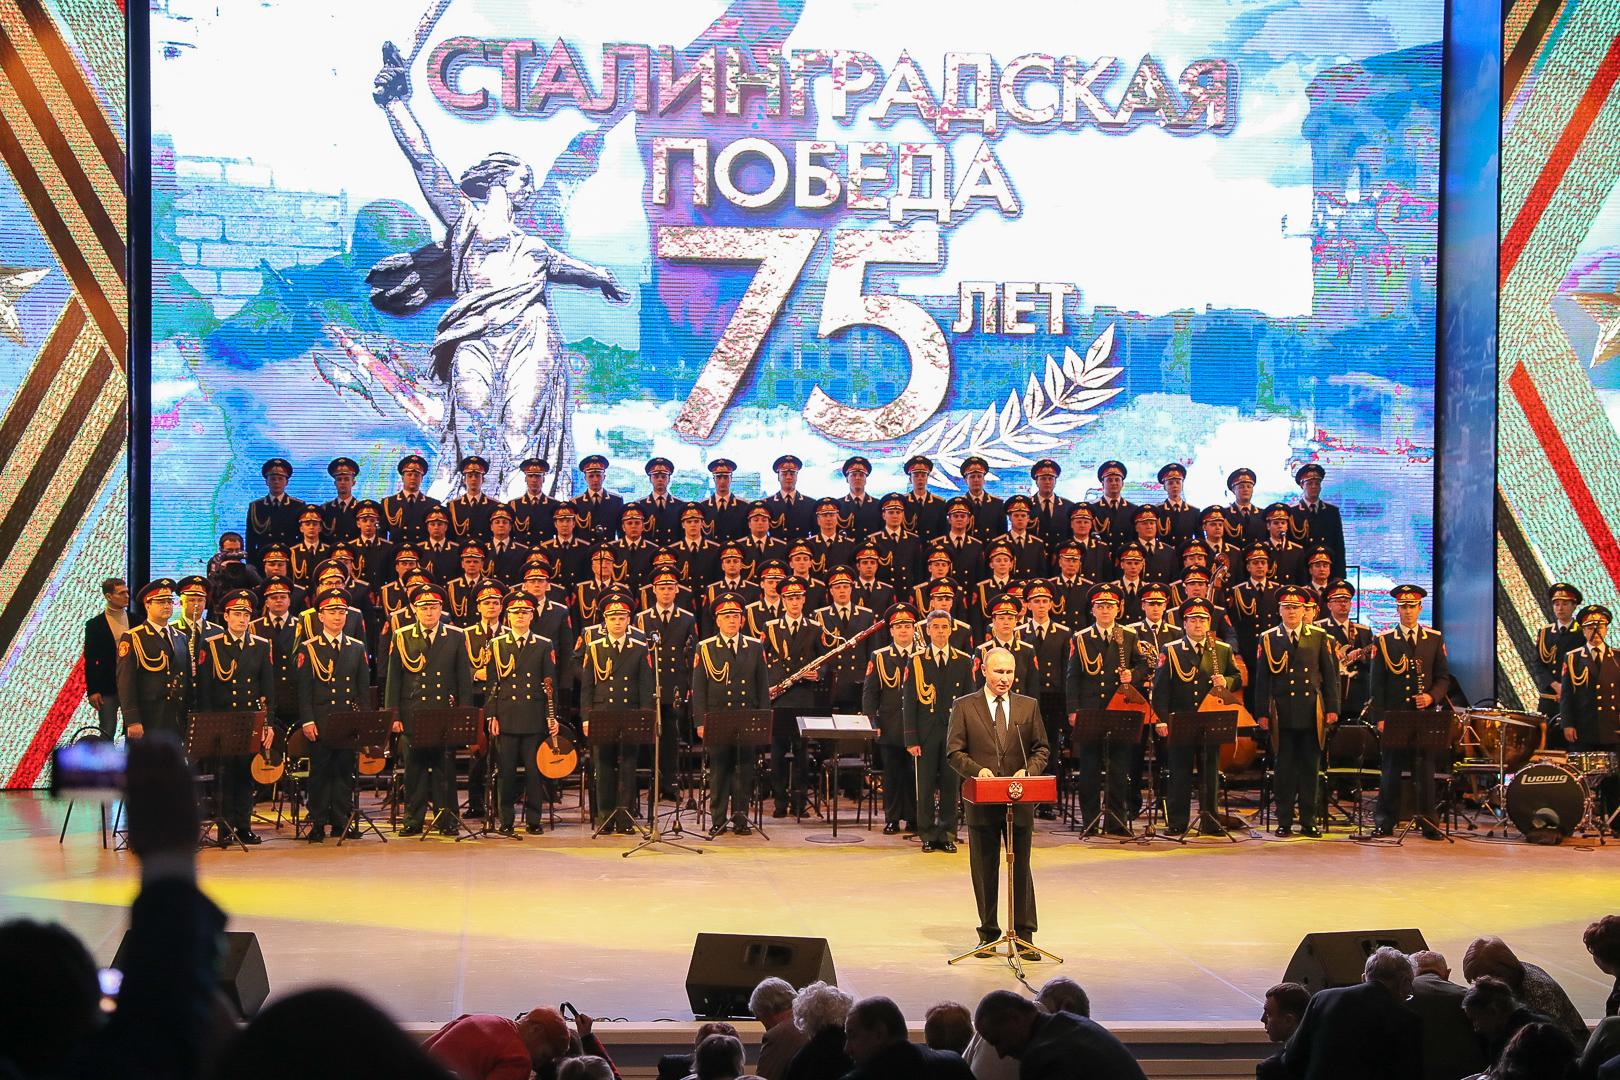 Несгибаемый характер русских проявился вСталинграде— Путин